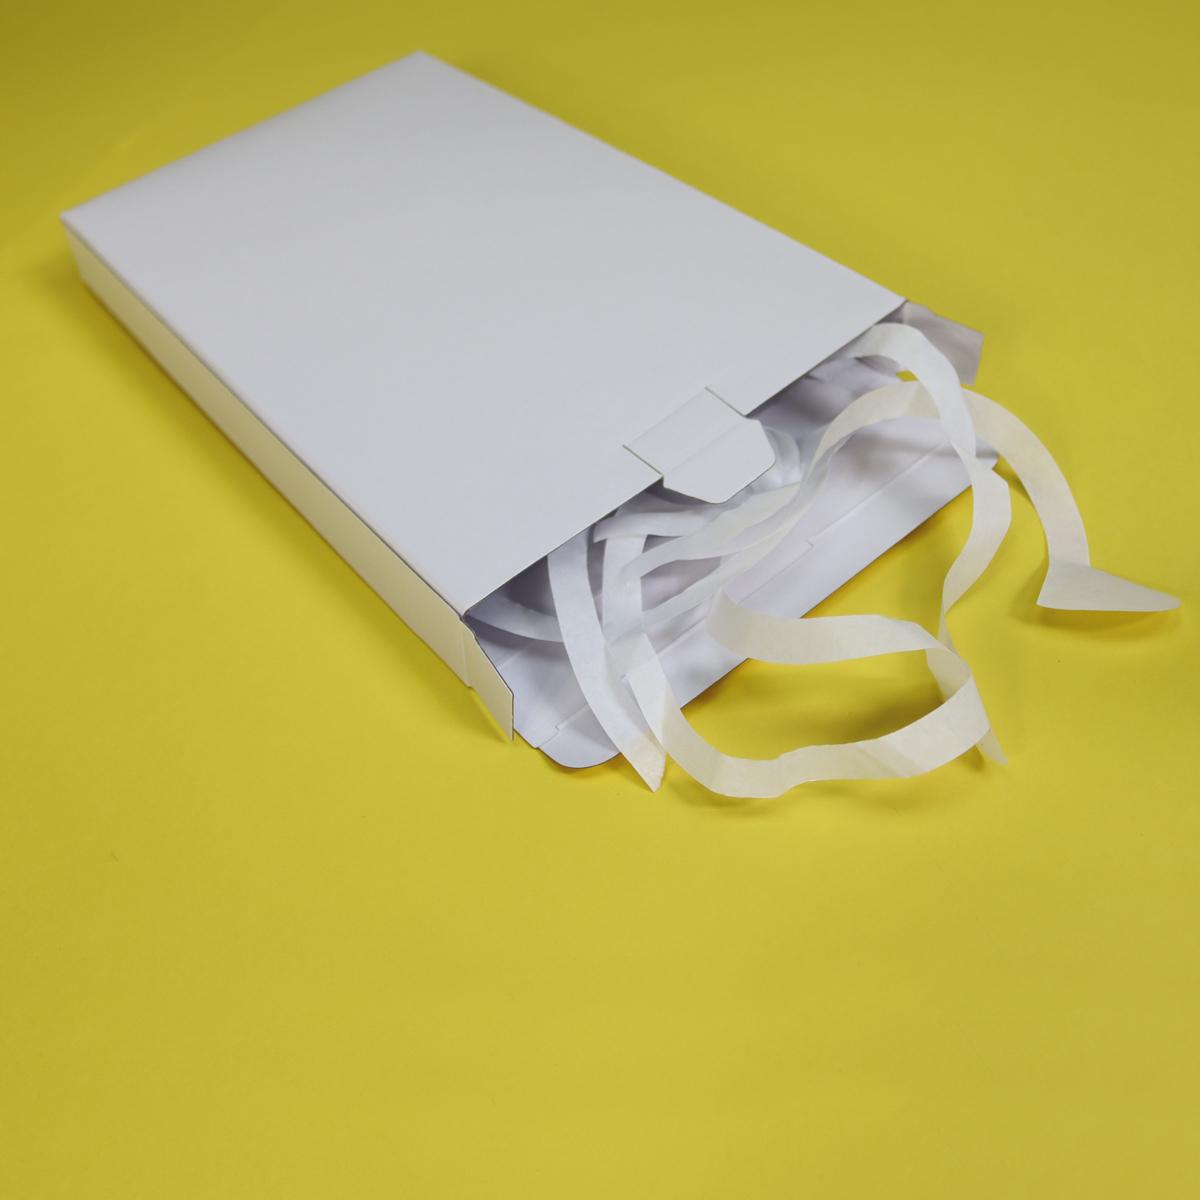 verzenddozen-brievenbuspakketjes-wit-sfeer